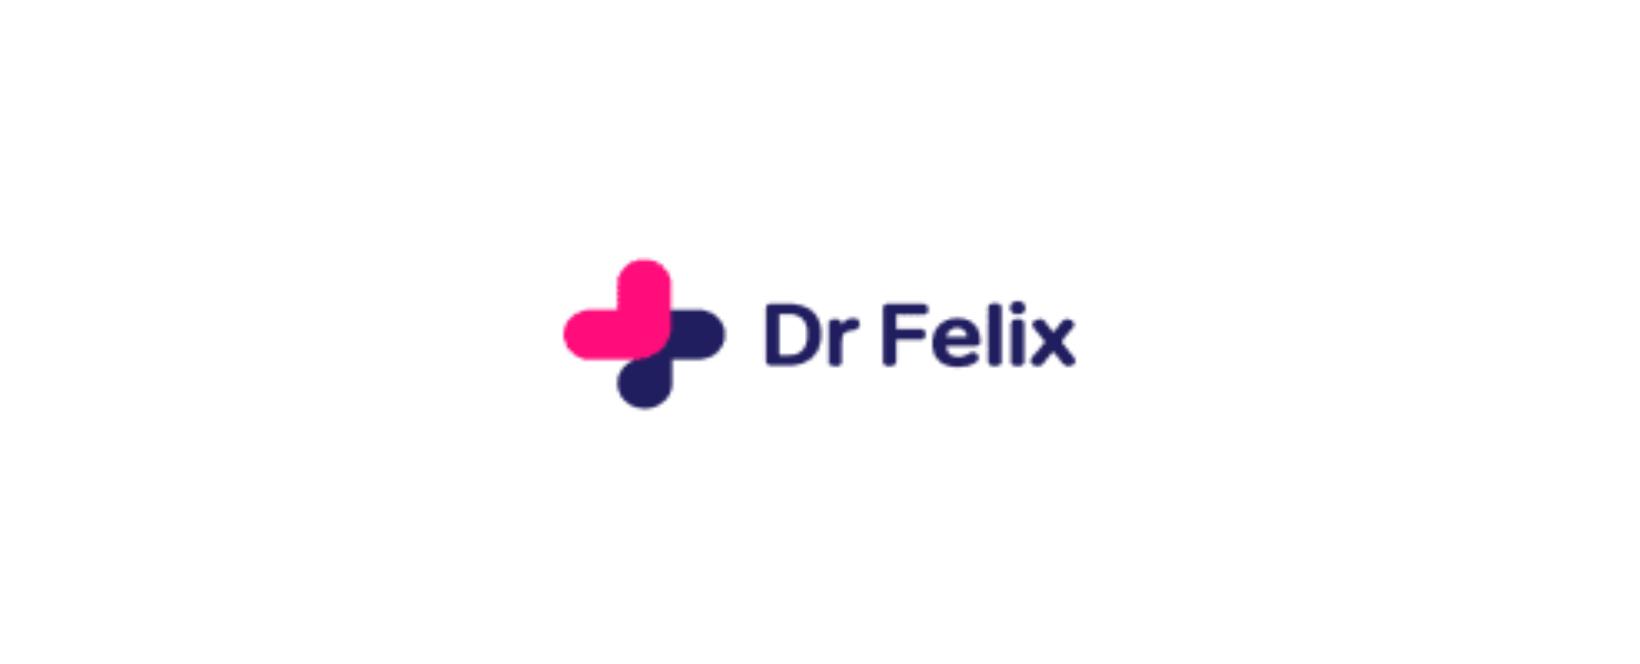 Dr Felix UK Discount Code 2021